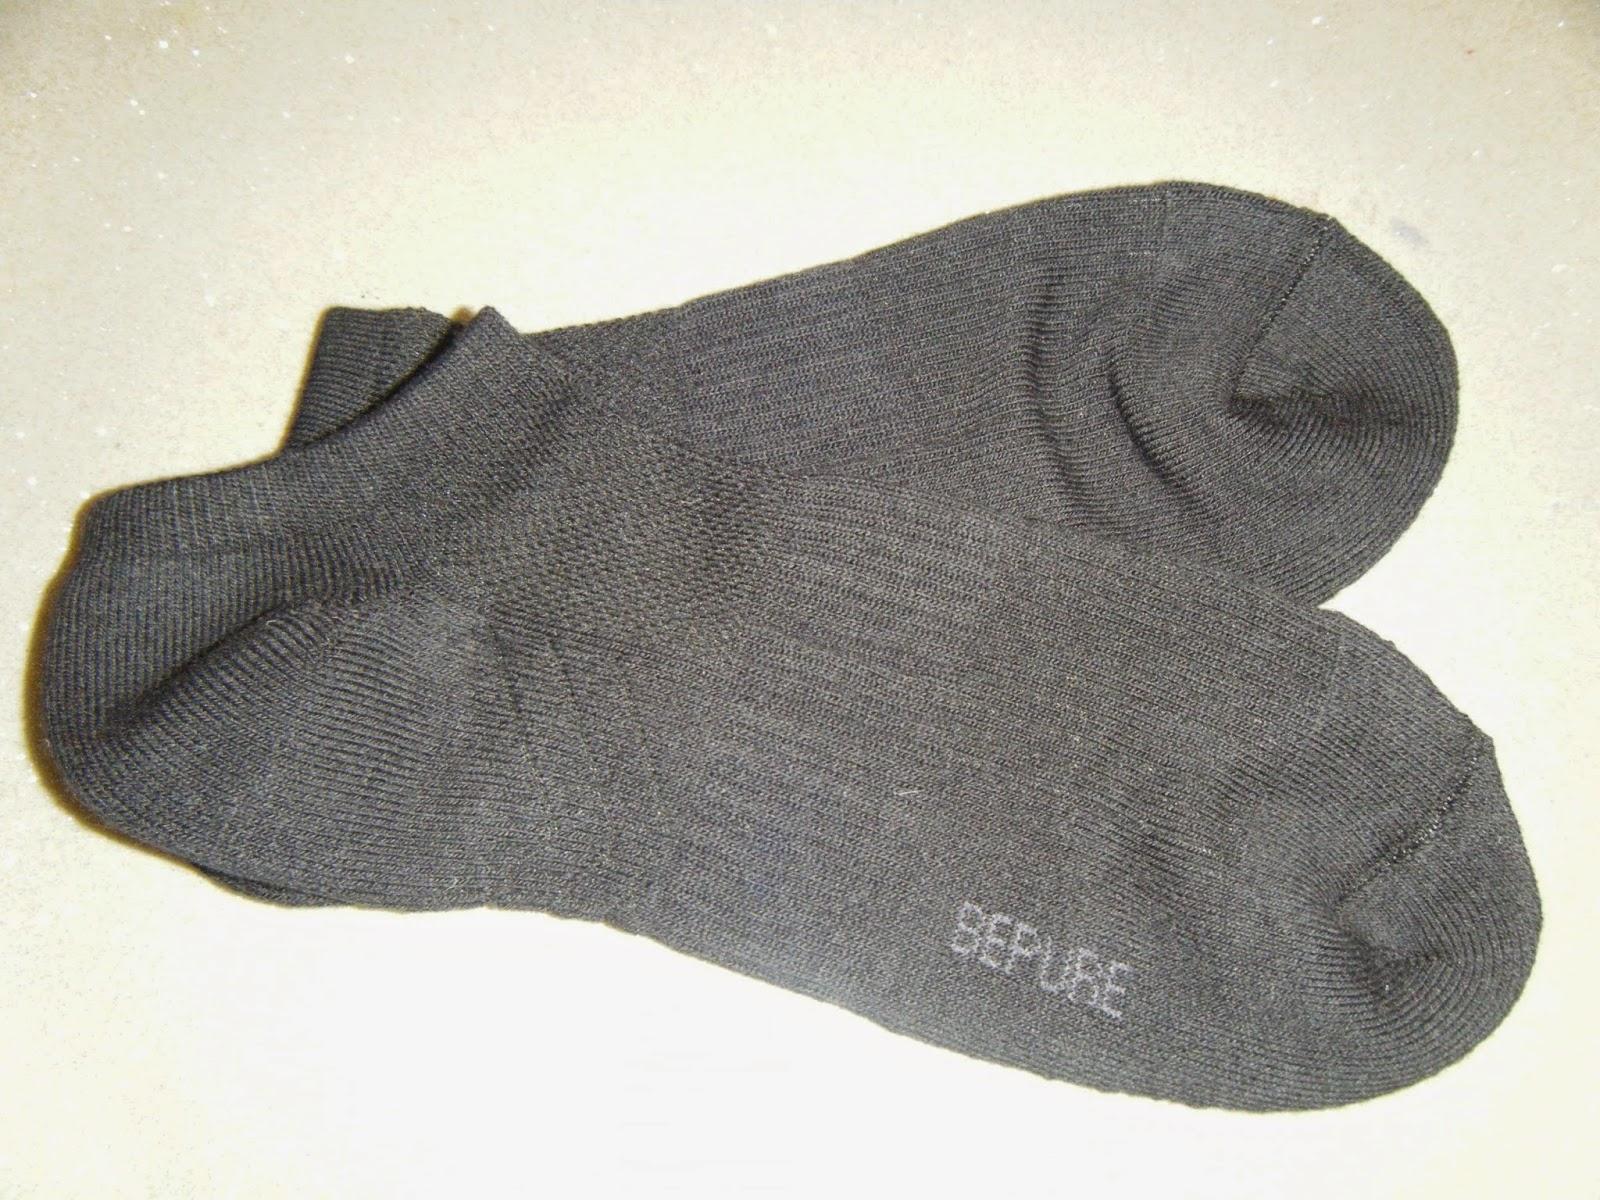 forme les chaussette